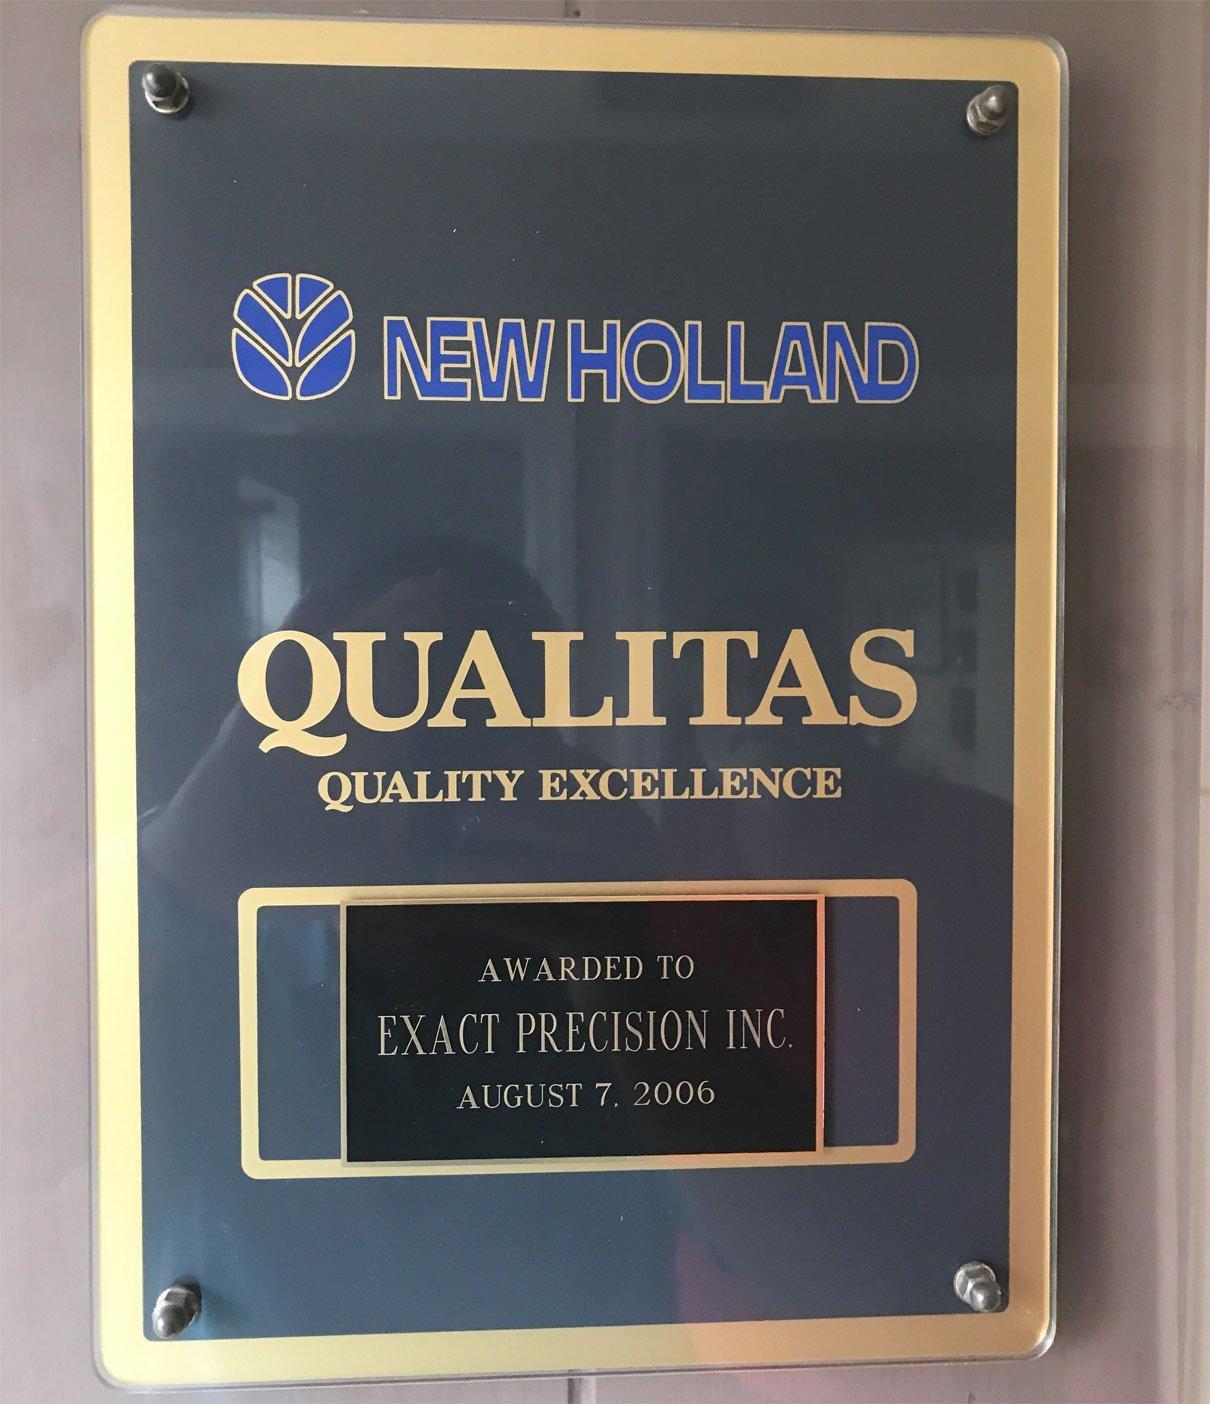 CNC Machine quality checking